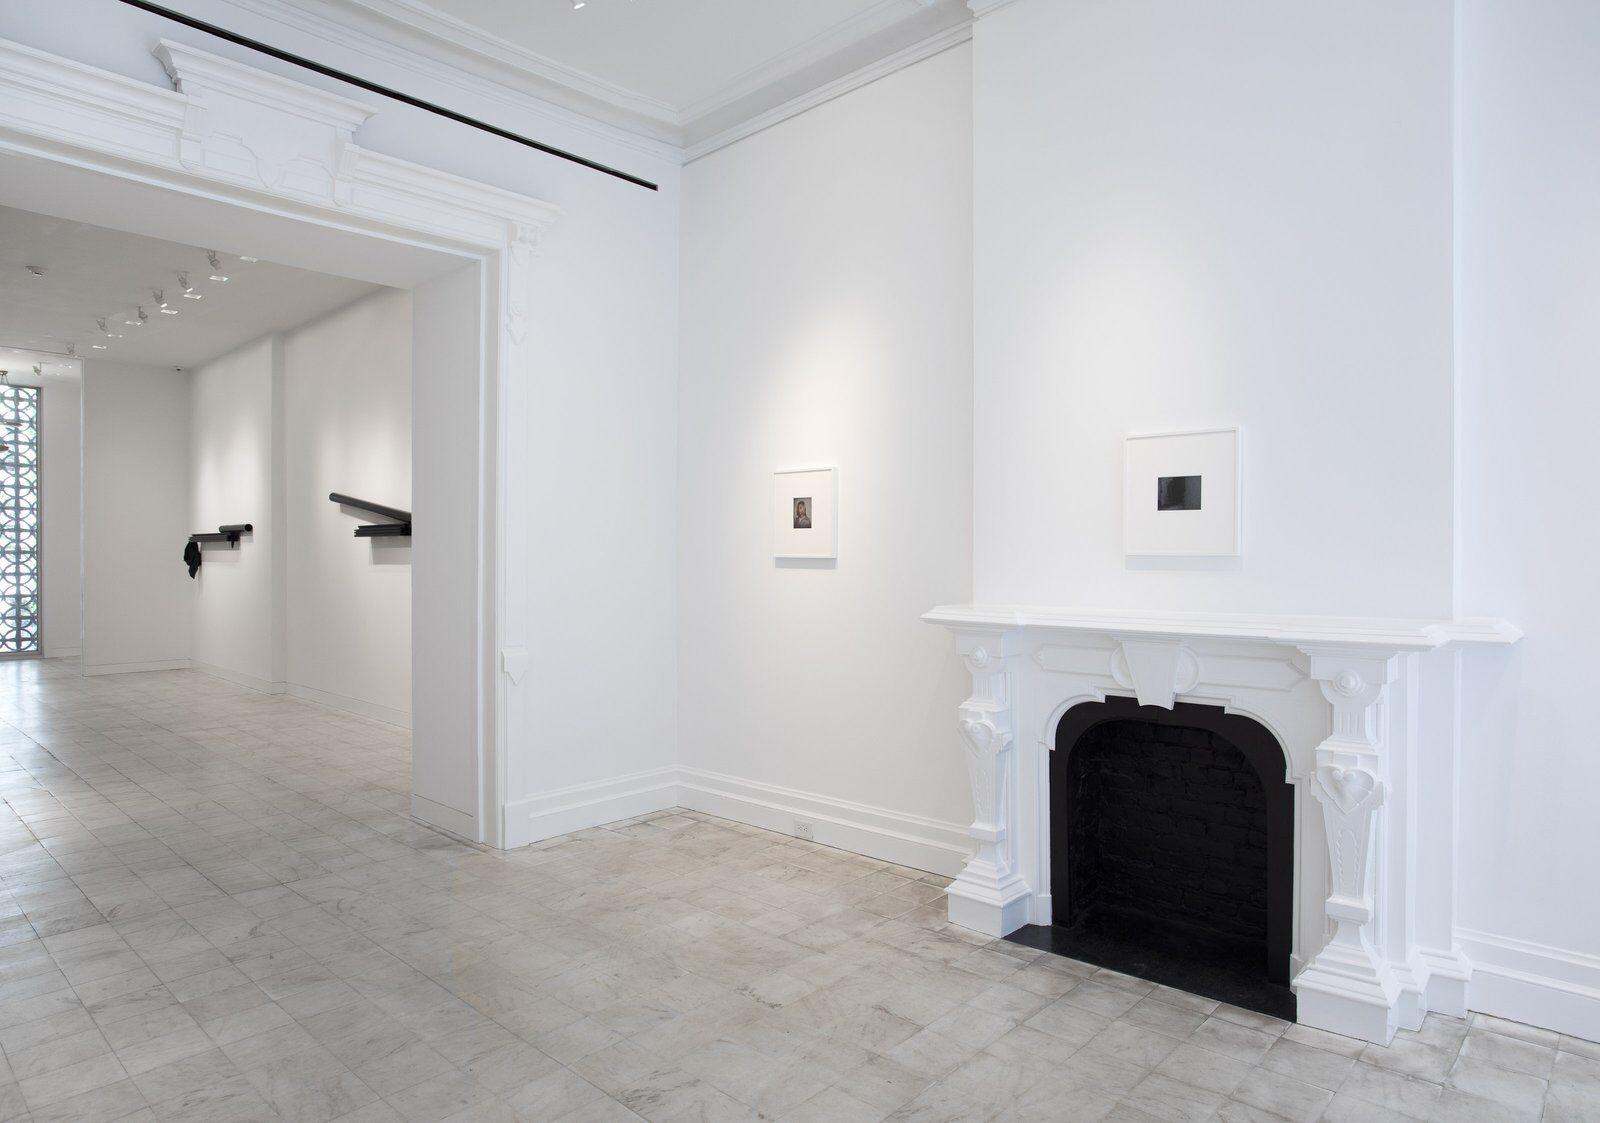 Arthur Jafa Gladstone Gallery